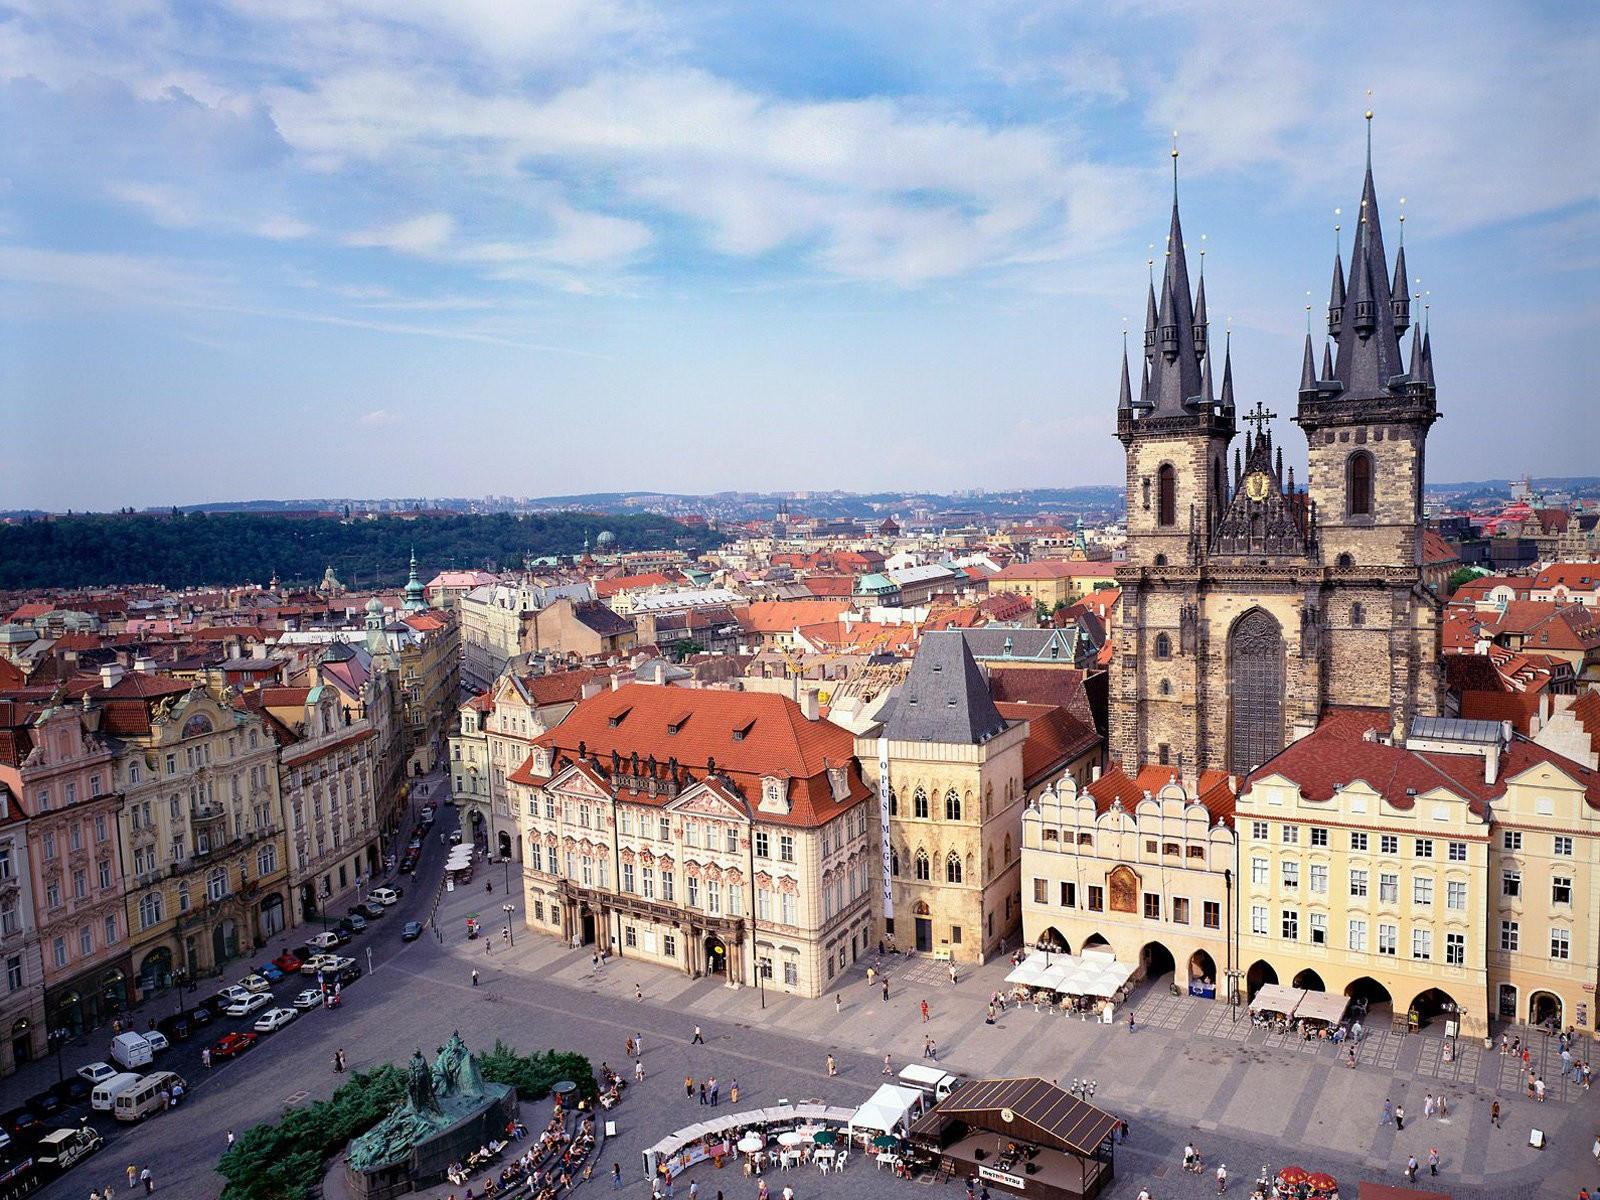 Староместская площадь Прага, Чехия